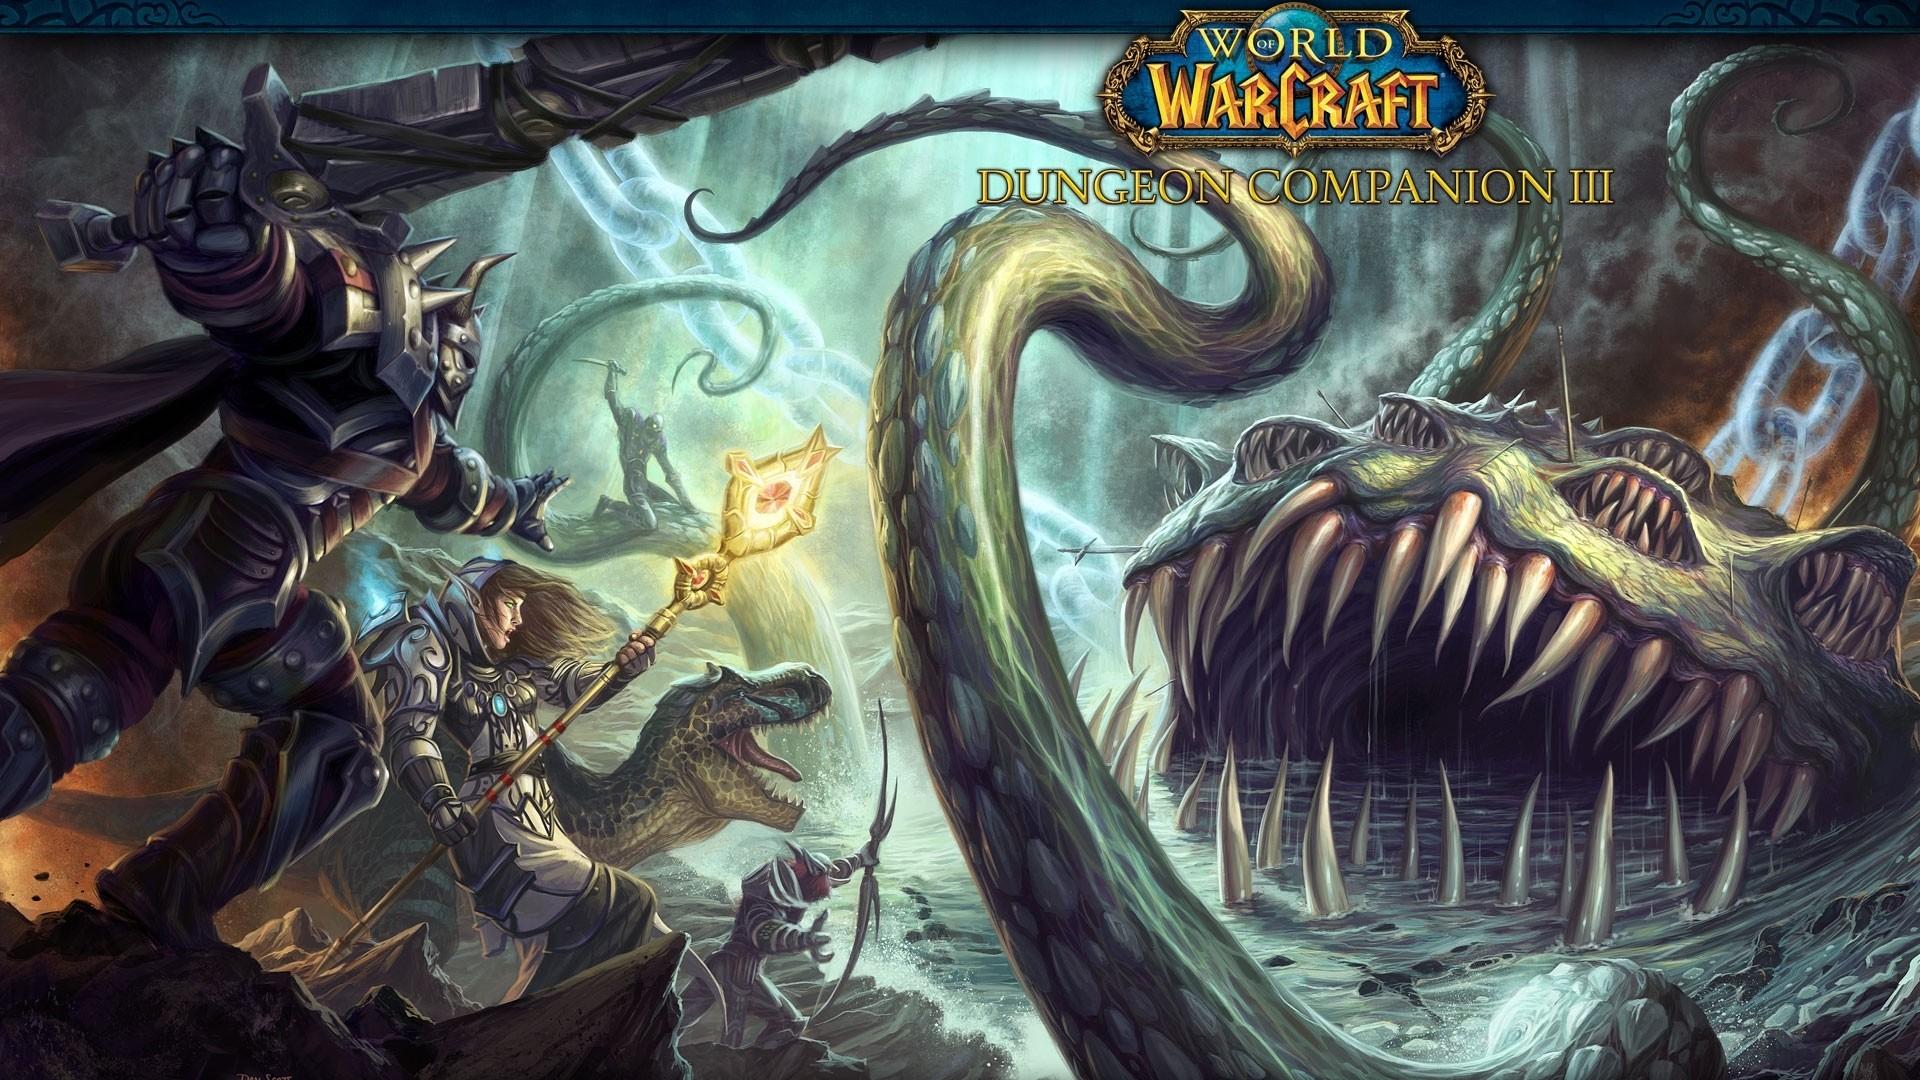 Wallpaper world of warcraft, dungeon copanion 3, monster, sword,  battle